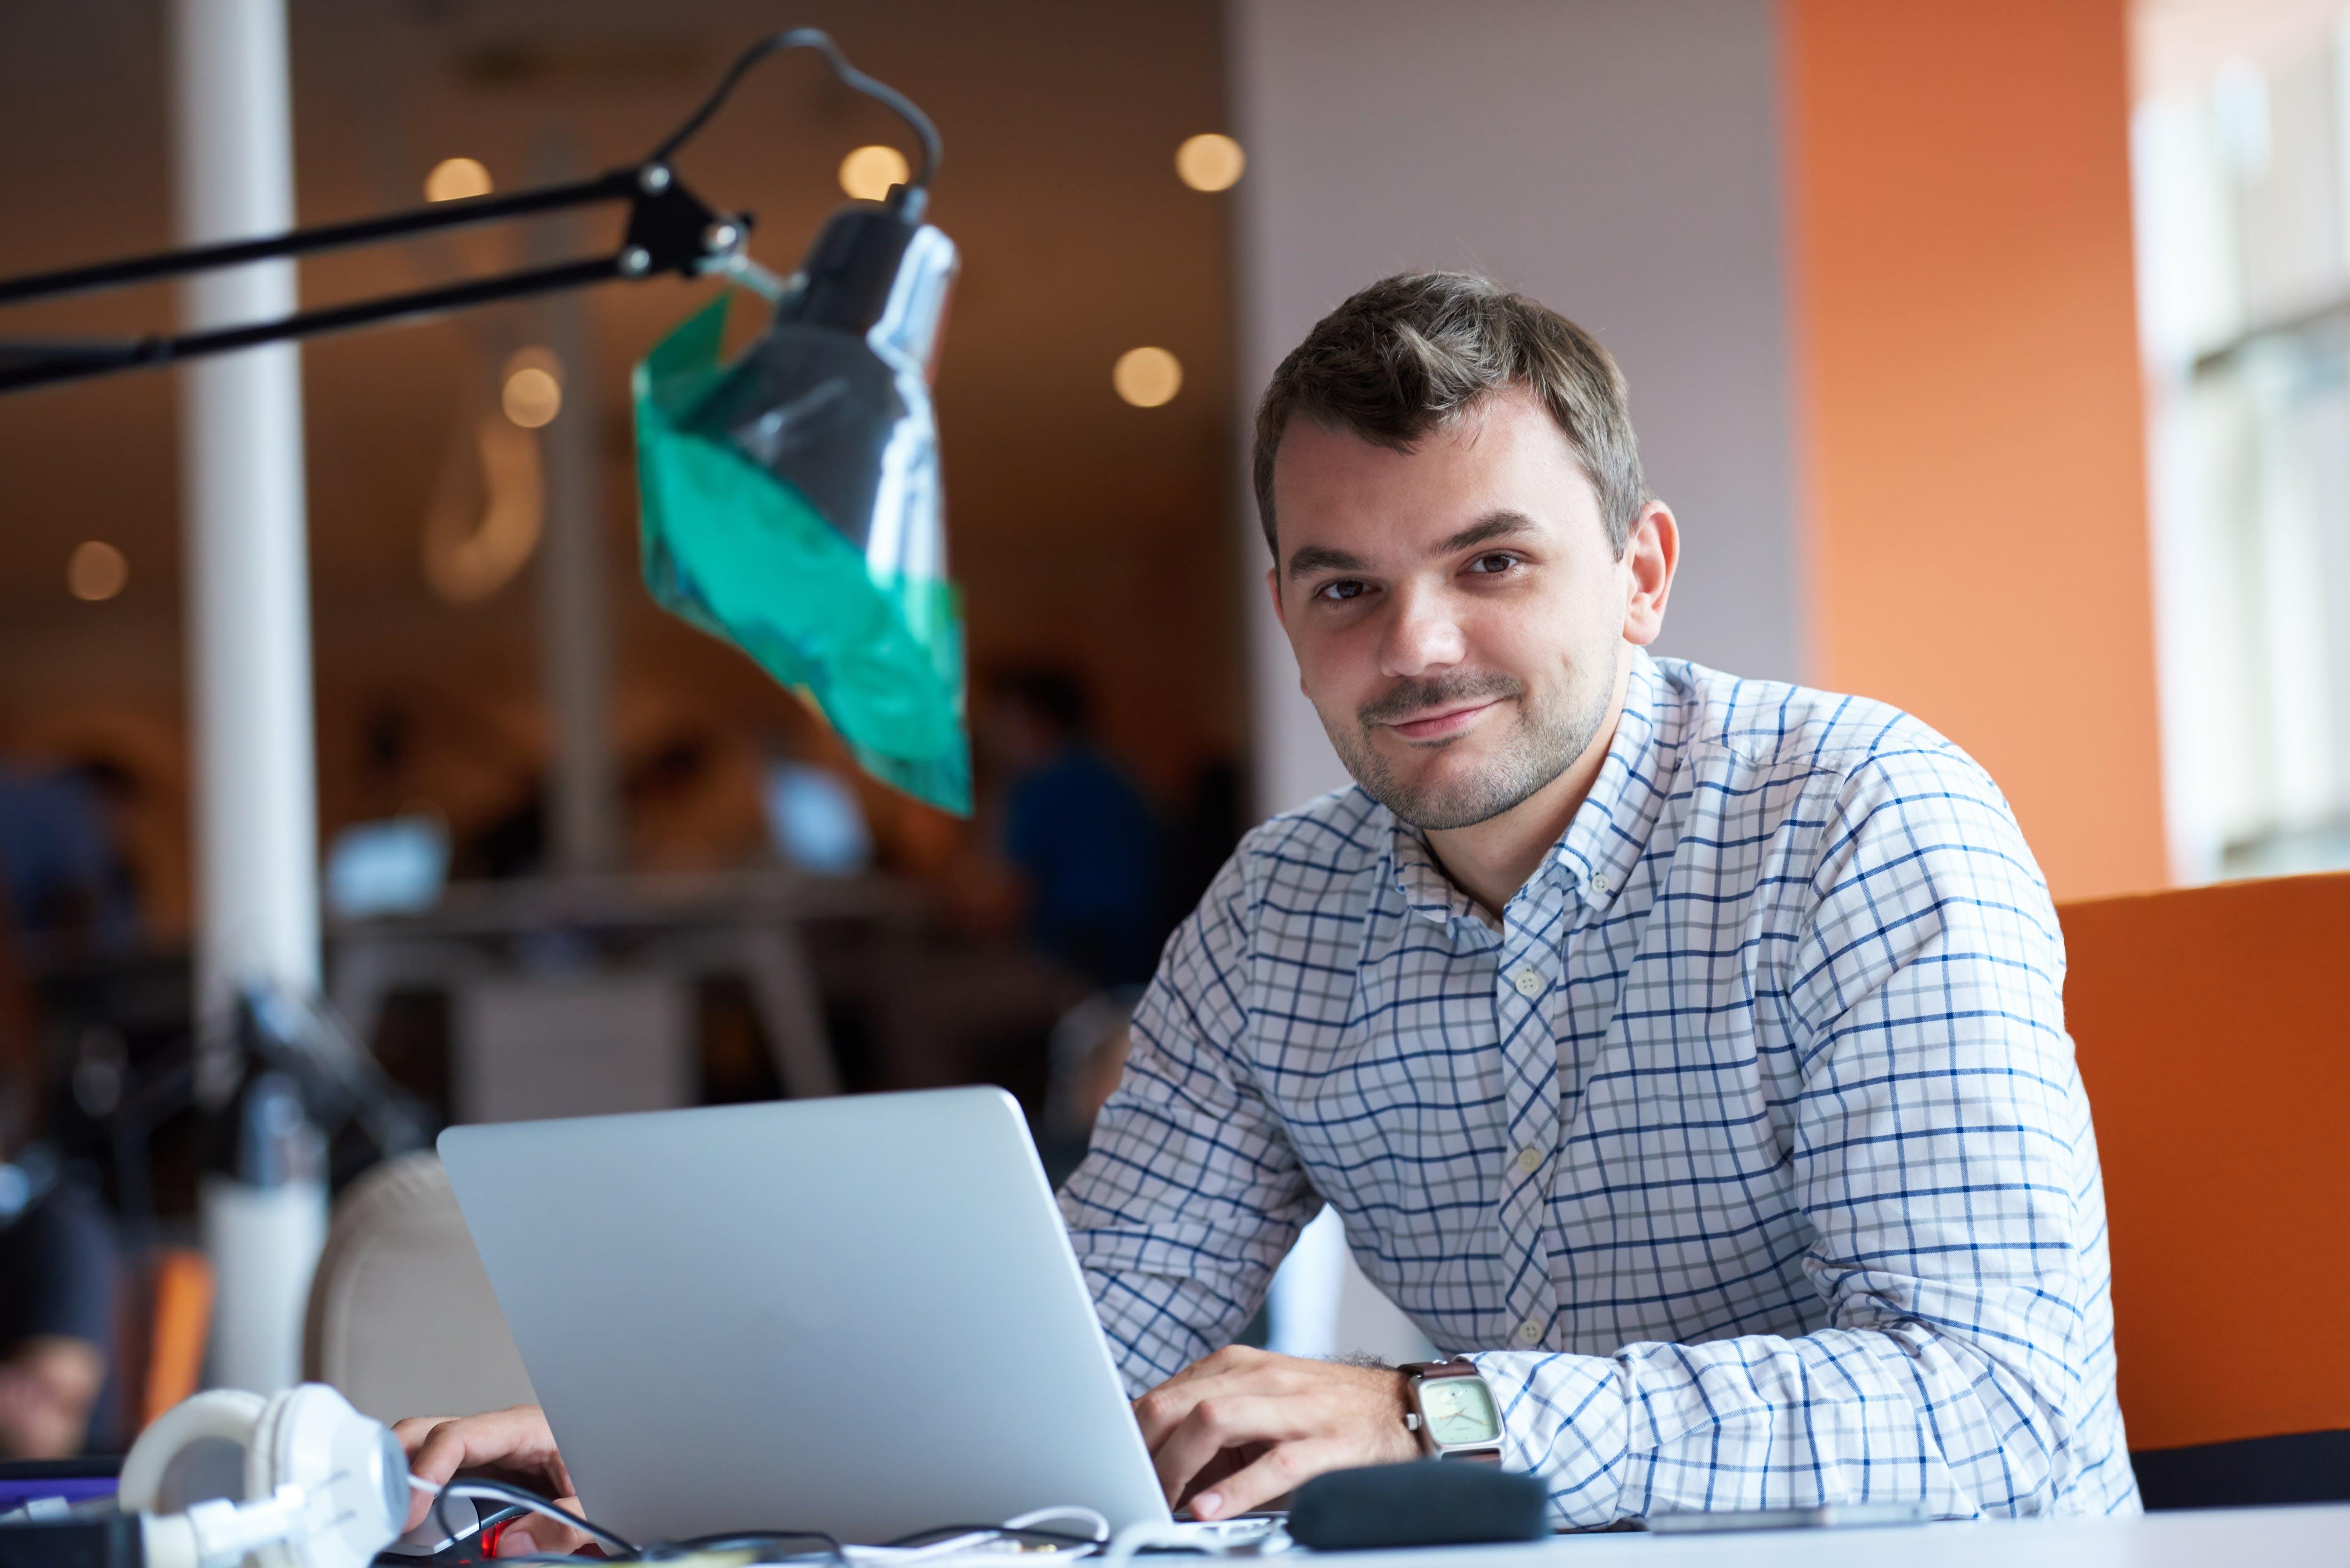 computer, entrepreneur, man